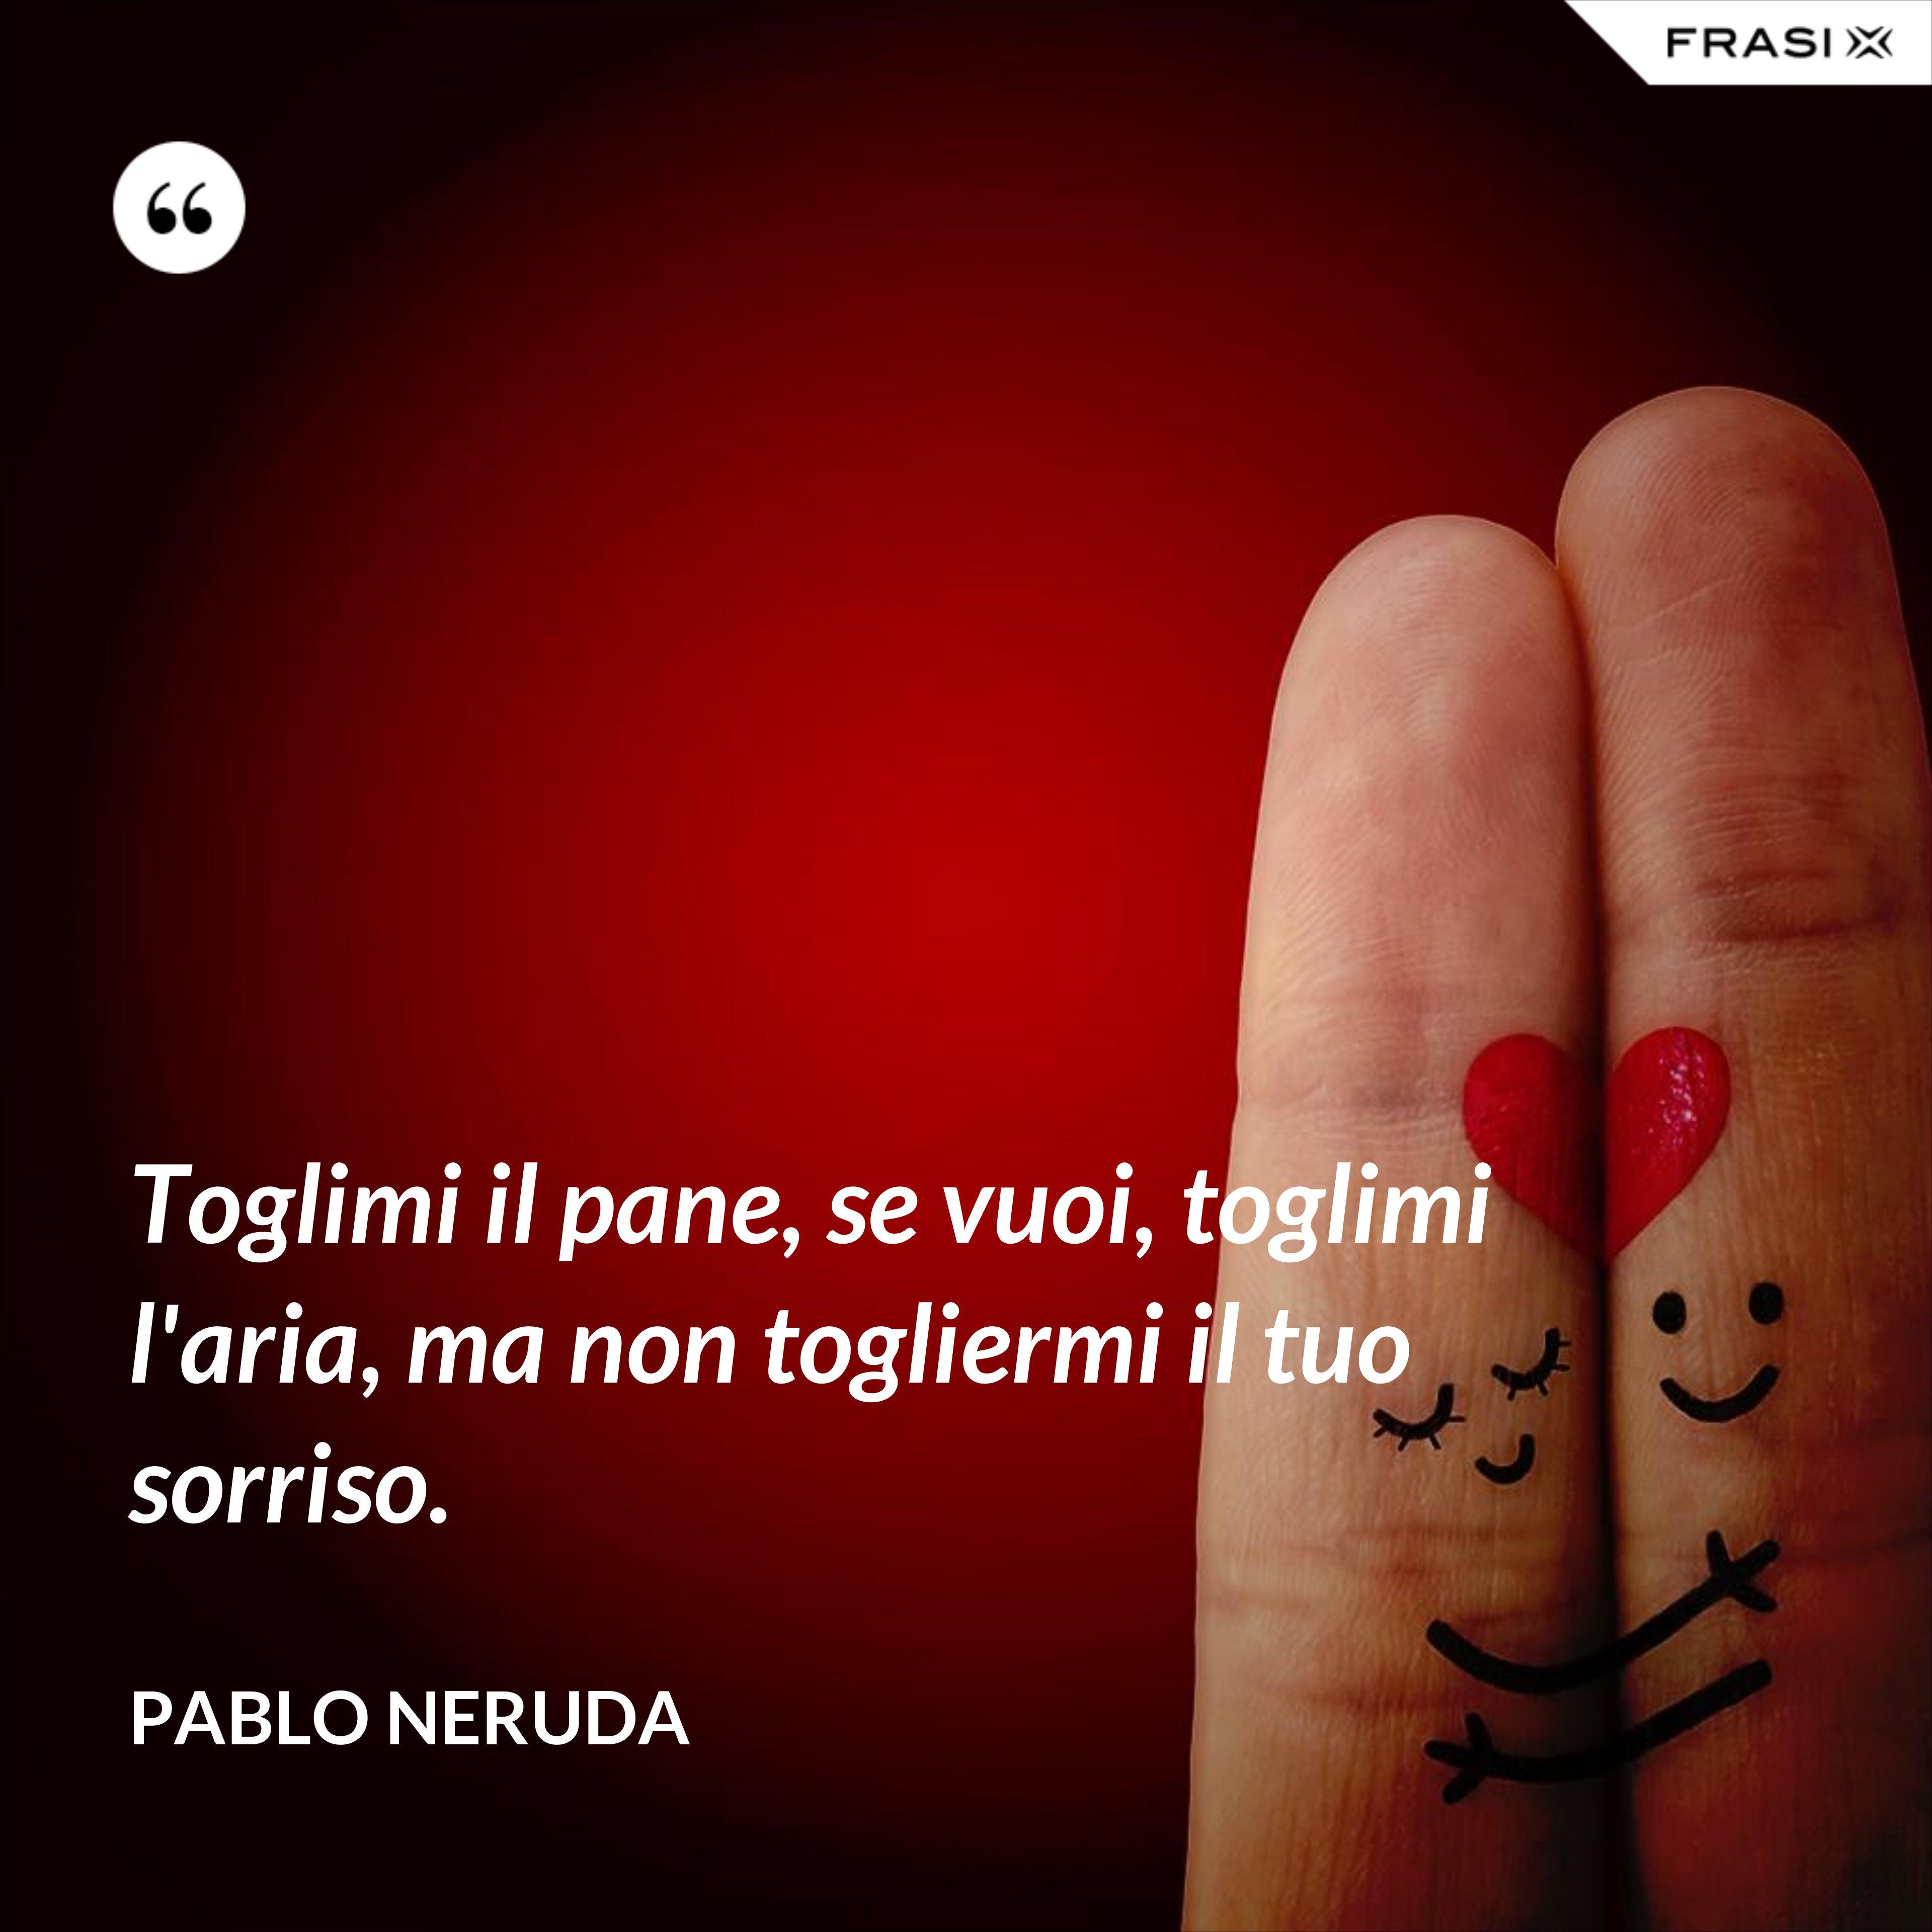 Toglimi il pane, se vuoi, toglimi l'aria, ma non togliermi il tuo sorriso. - Pablo Neruda